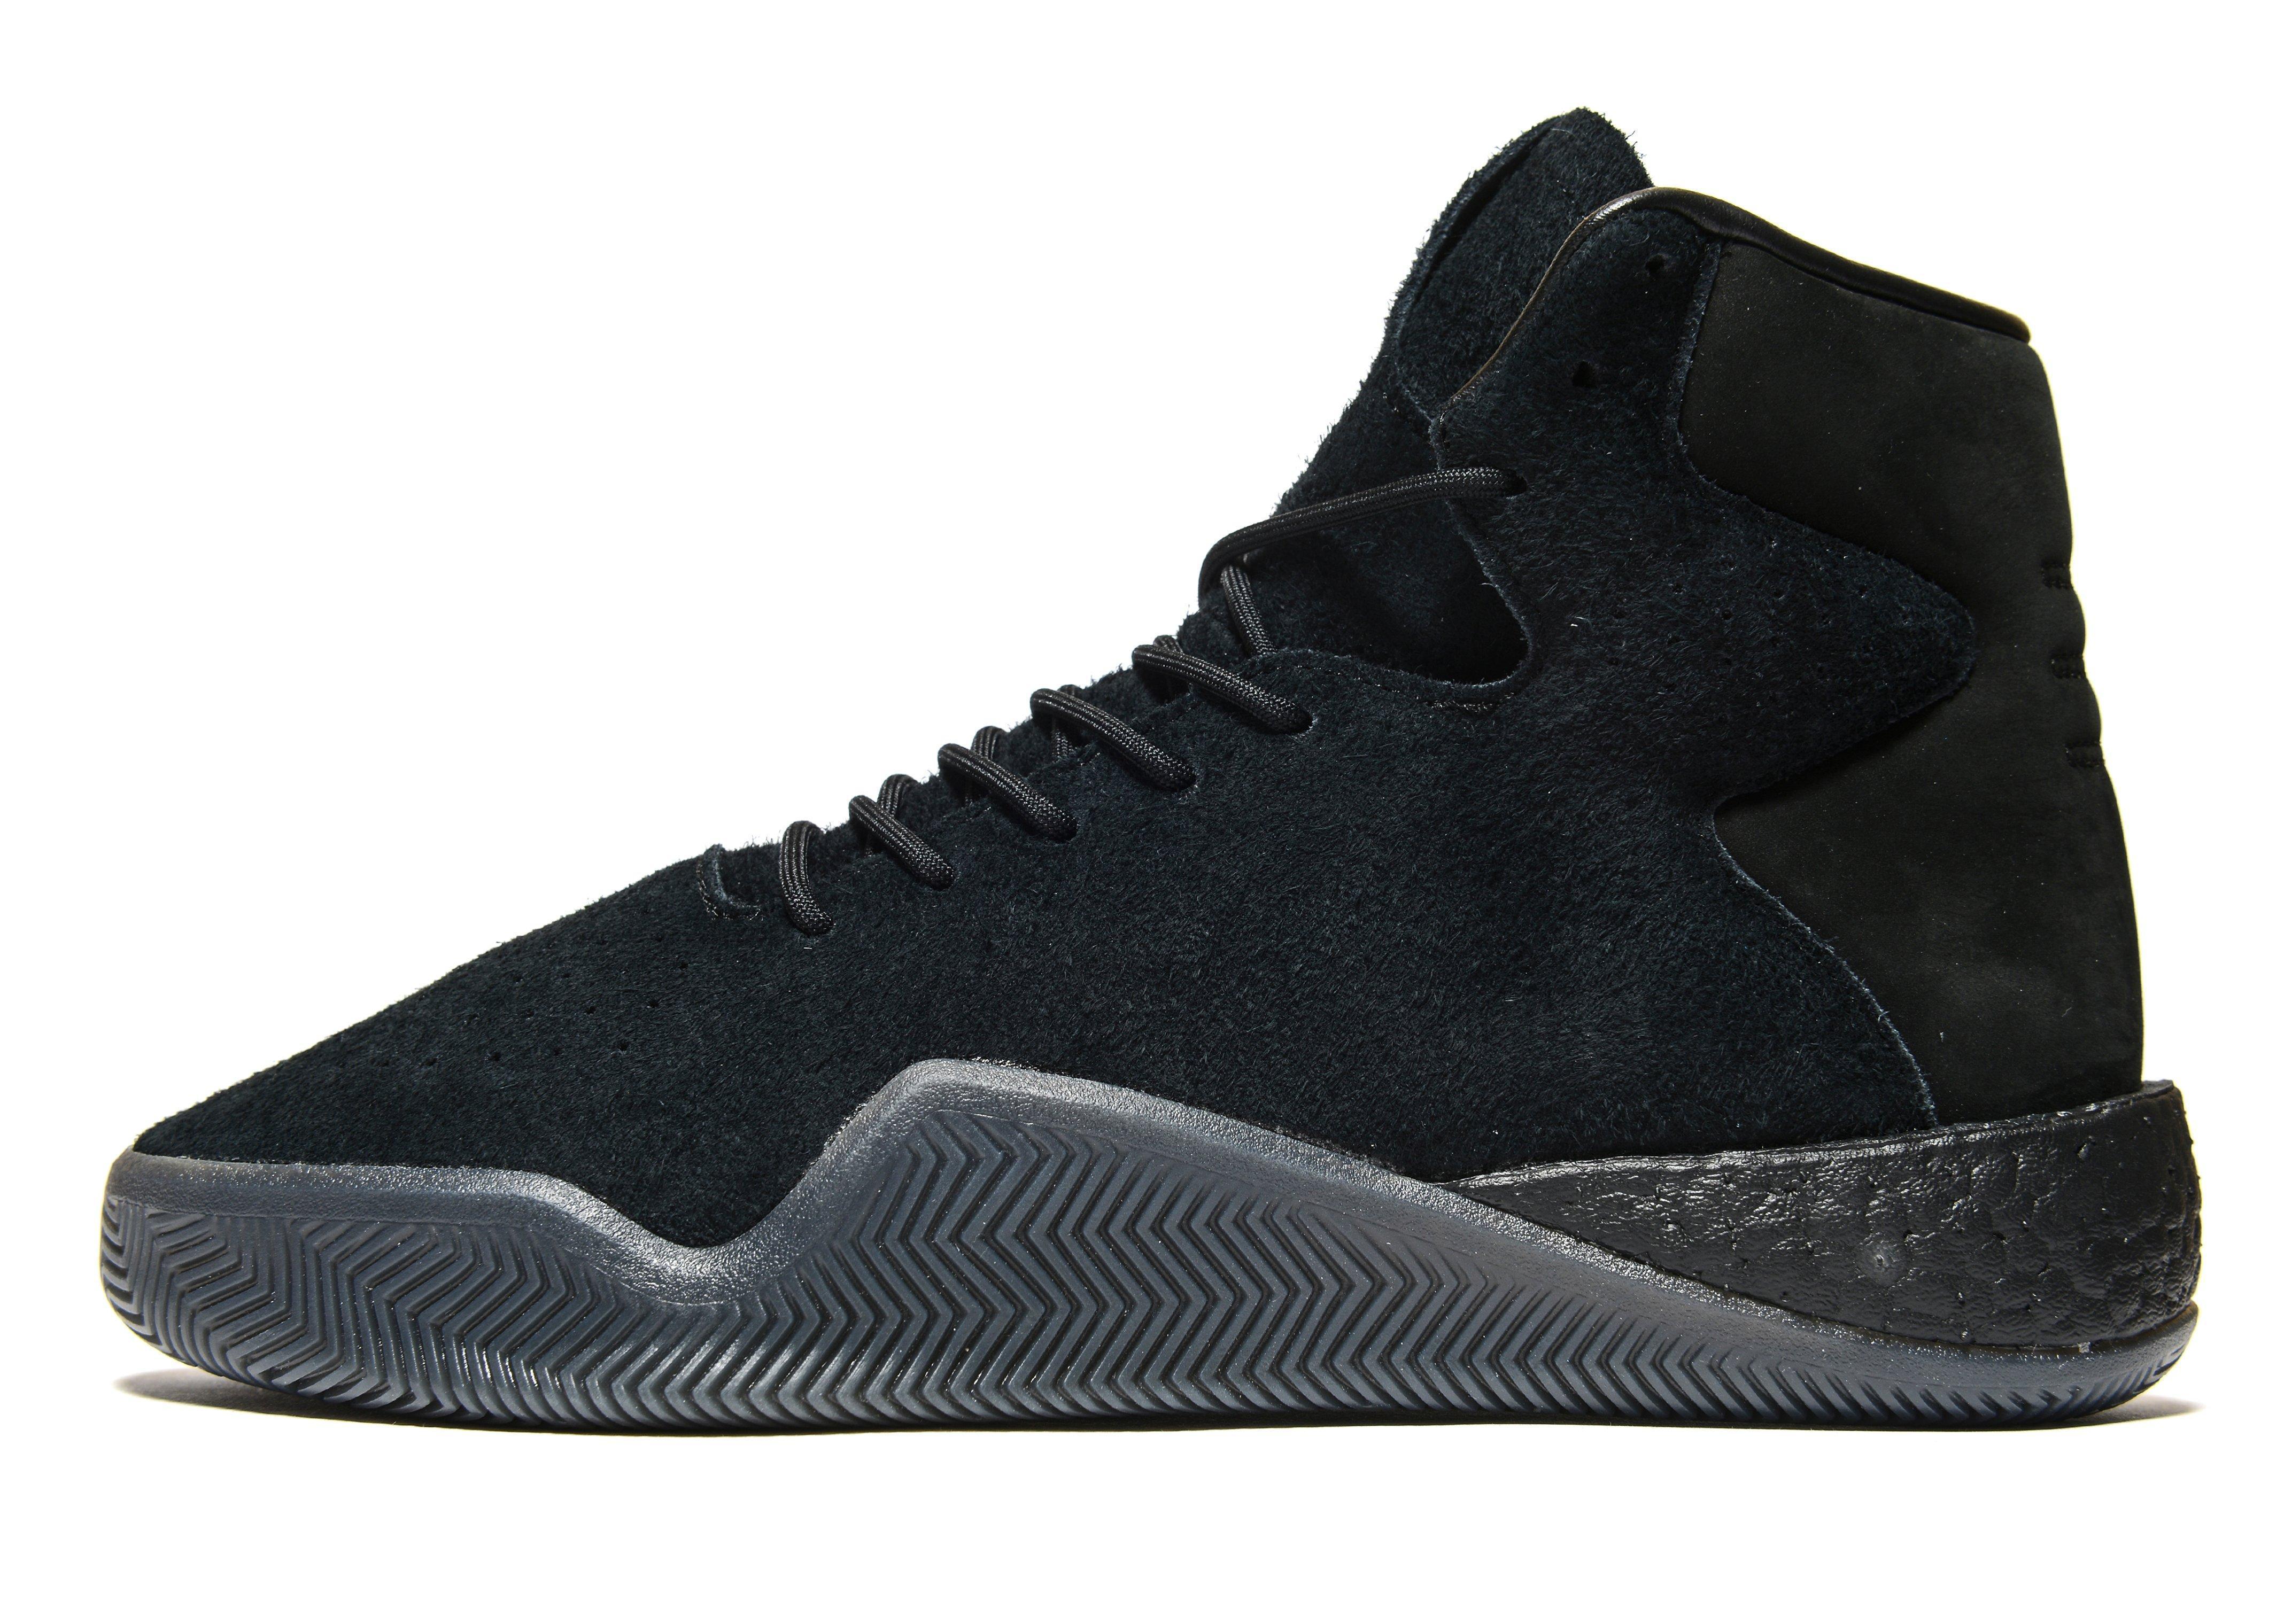 c20013d50cd5 Adidas Originals Tubular Instinct Boost in Black for Men - Lyst